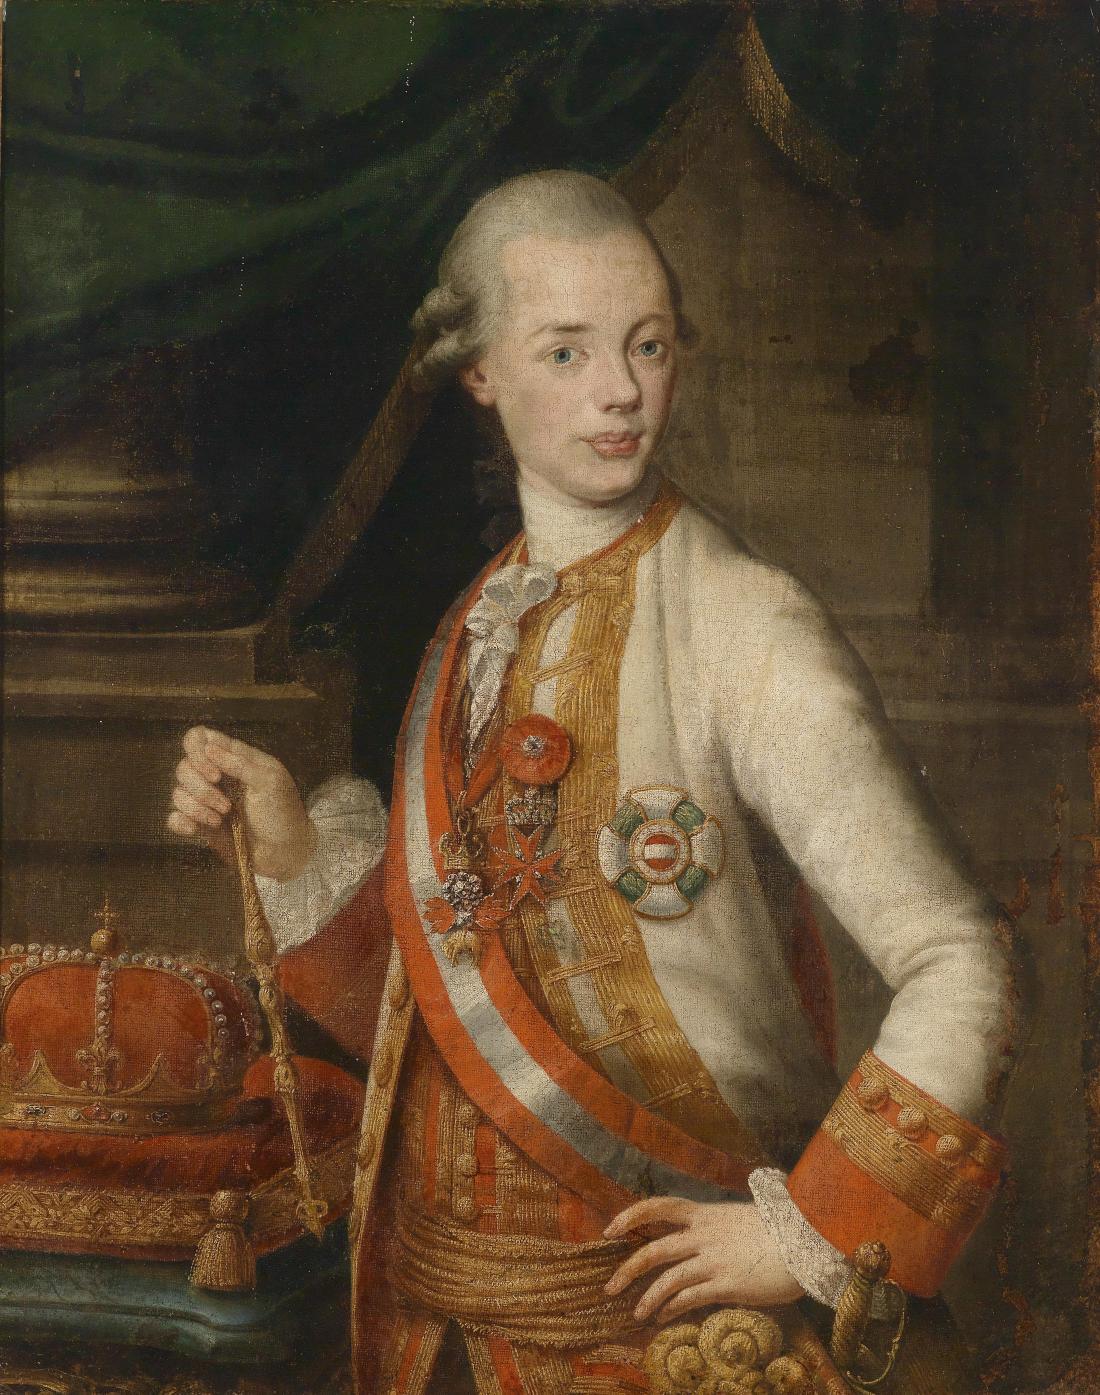 Leopold_als_Großherzog_von_Toskana